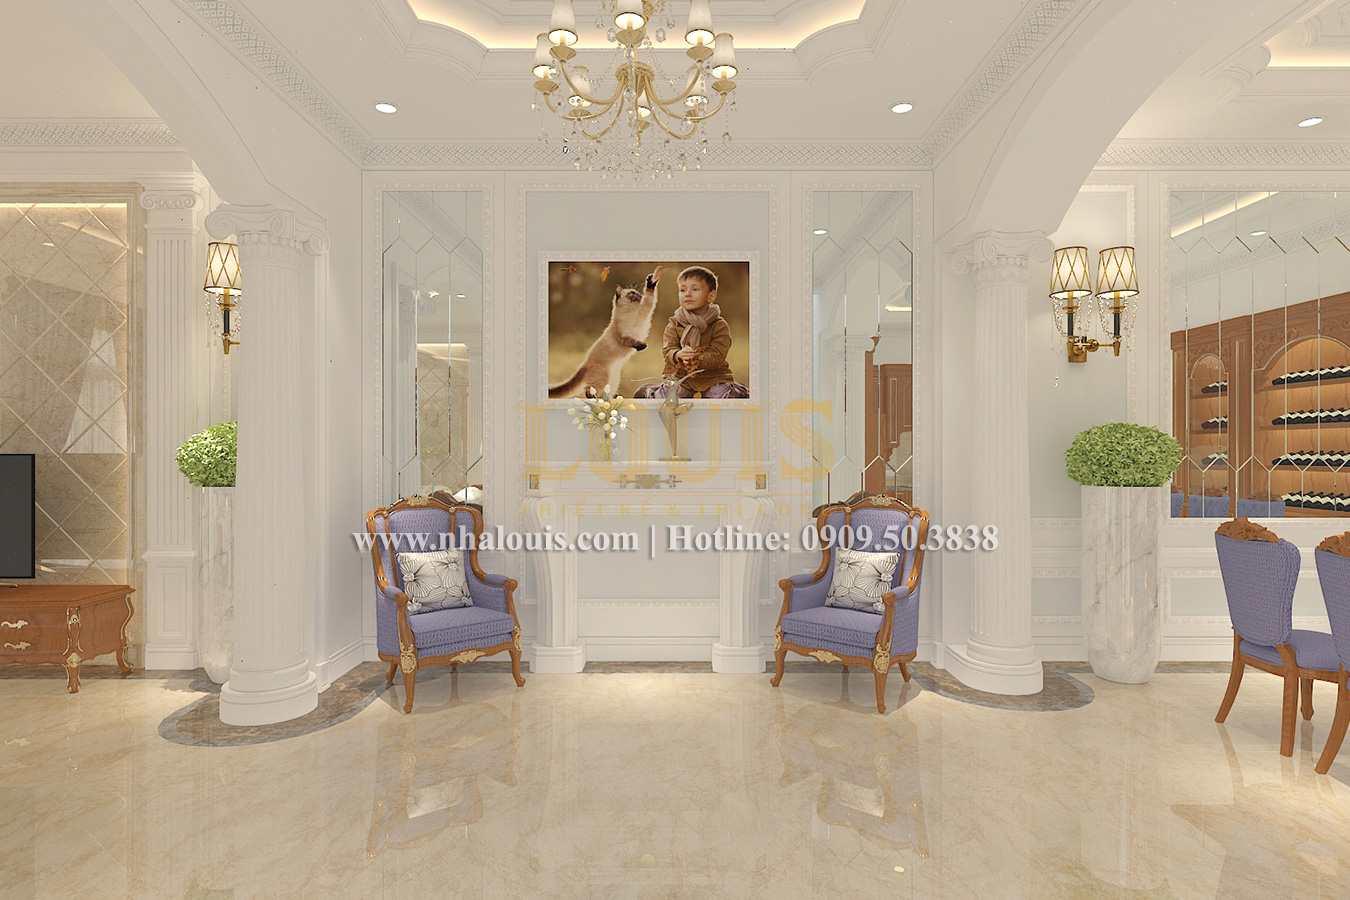 Phòng khách Biệt thự phong cách cổ điển châu Âu tại Bến Tre chuẩn đẳng cấp - 05